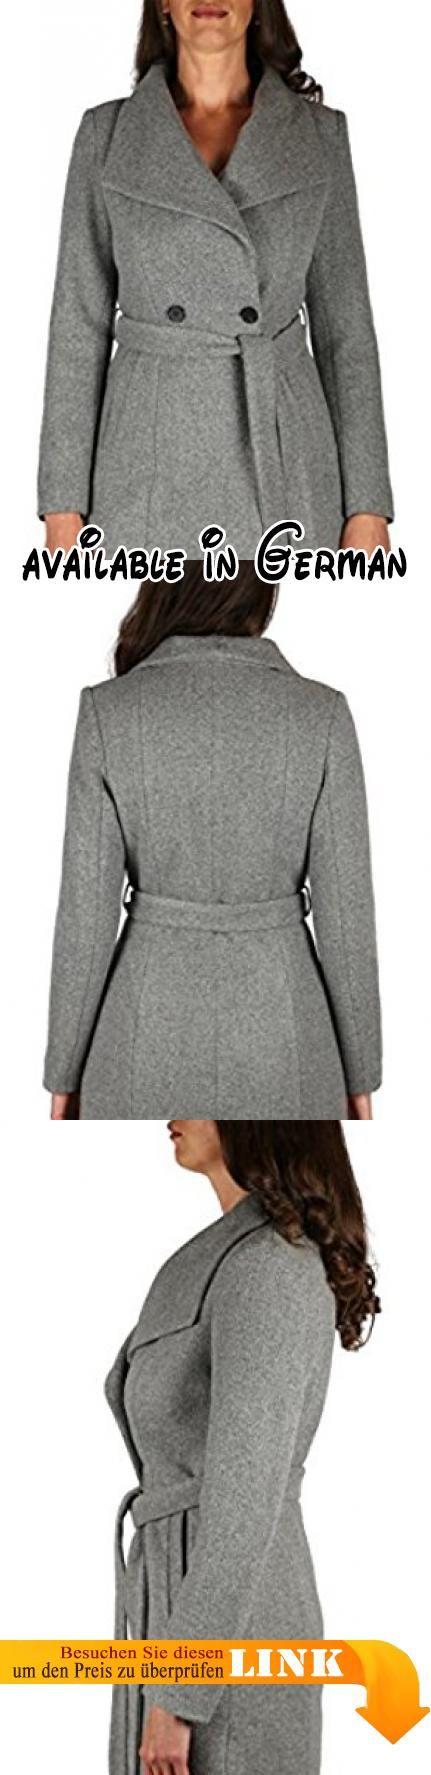 """1655-2 Damen Wollmantel """"Cootic"""" aus Woll-Mix mit breitem Revers (grau, M). Taillierte Passform, Rock in Glockenform. 2 Außentaschen. Gürtel #Apparel #OUTERWEAR"""